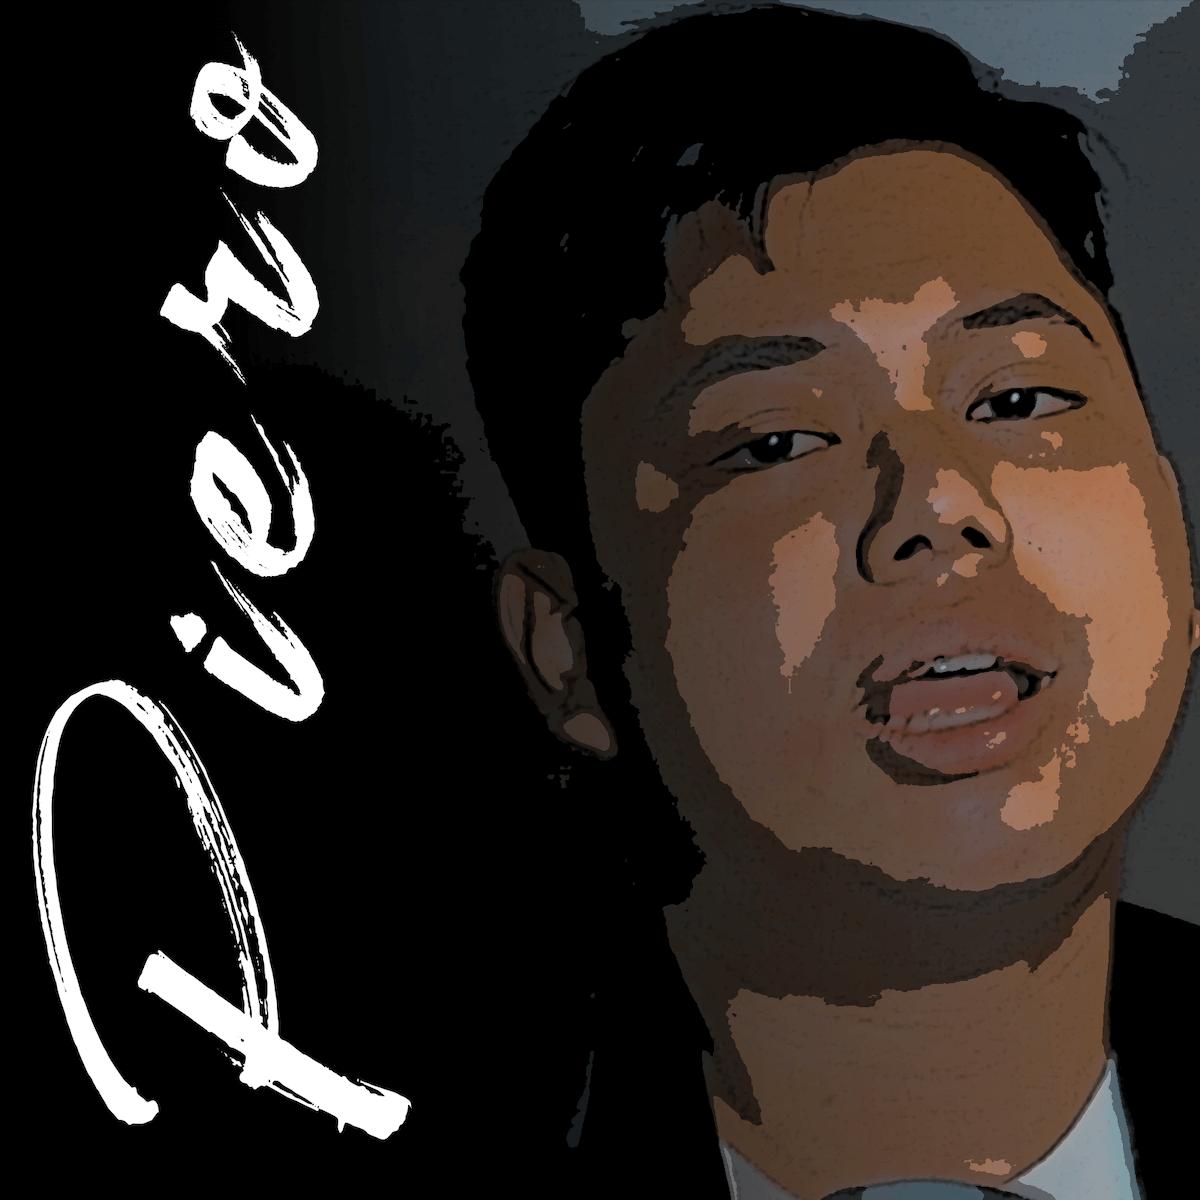 Piero-album-cover